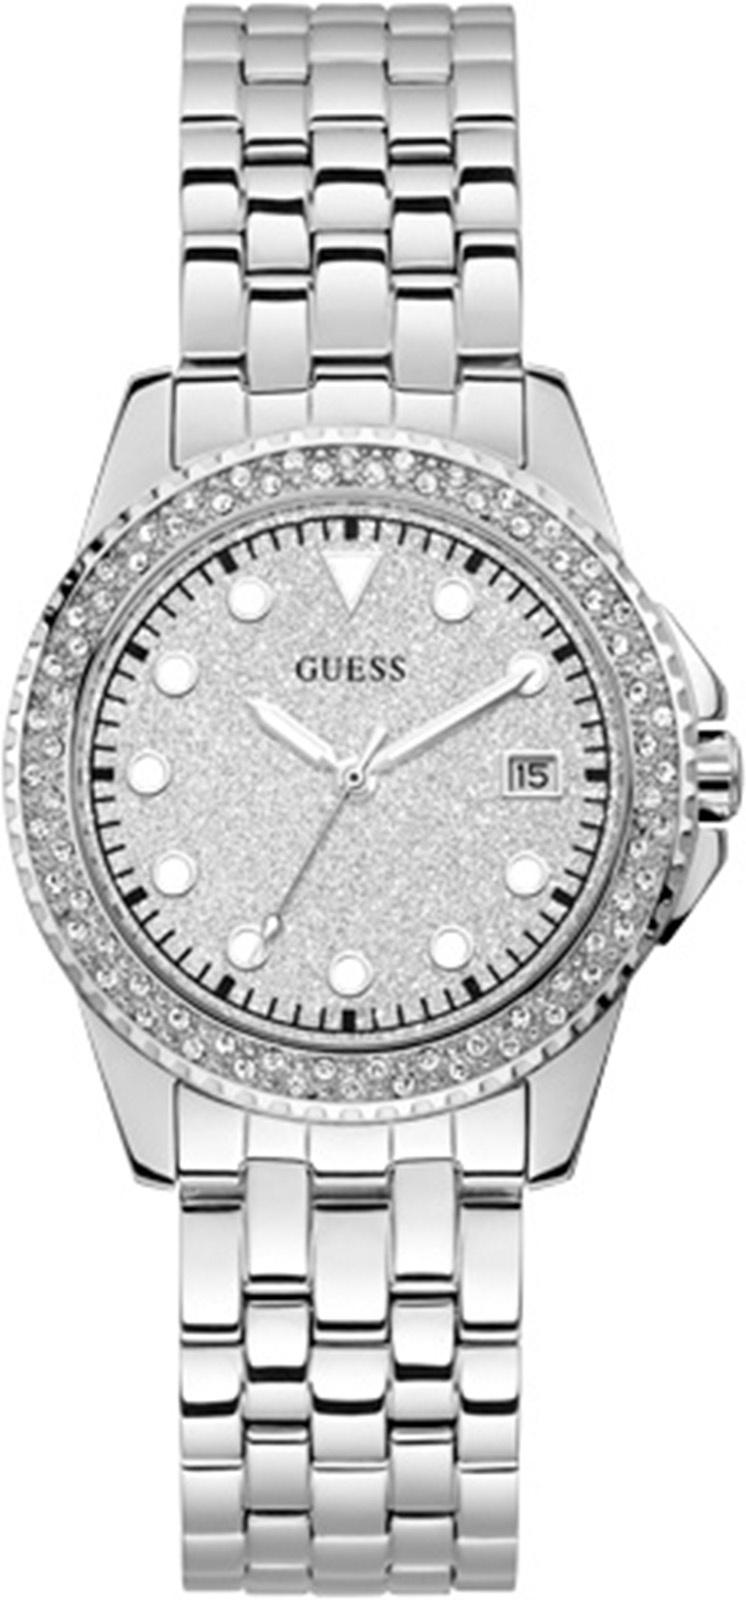 купить Часы Guess SPRITZ по цене 11300 рублей